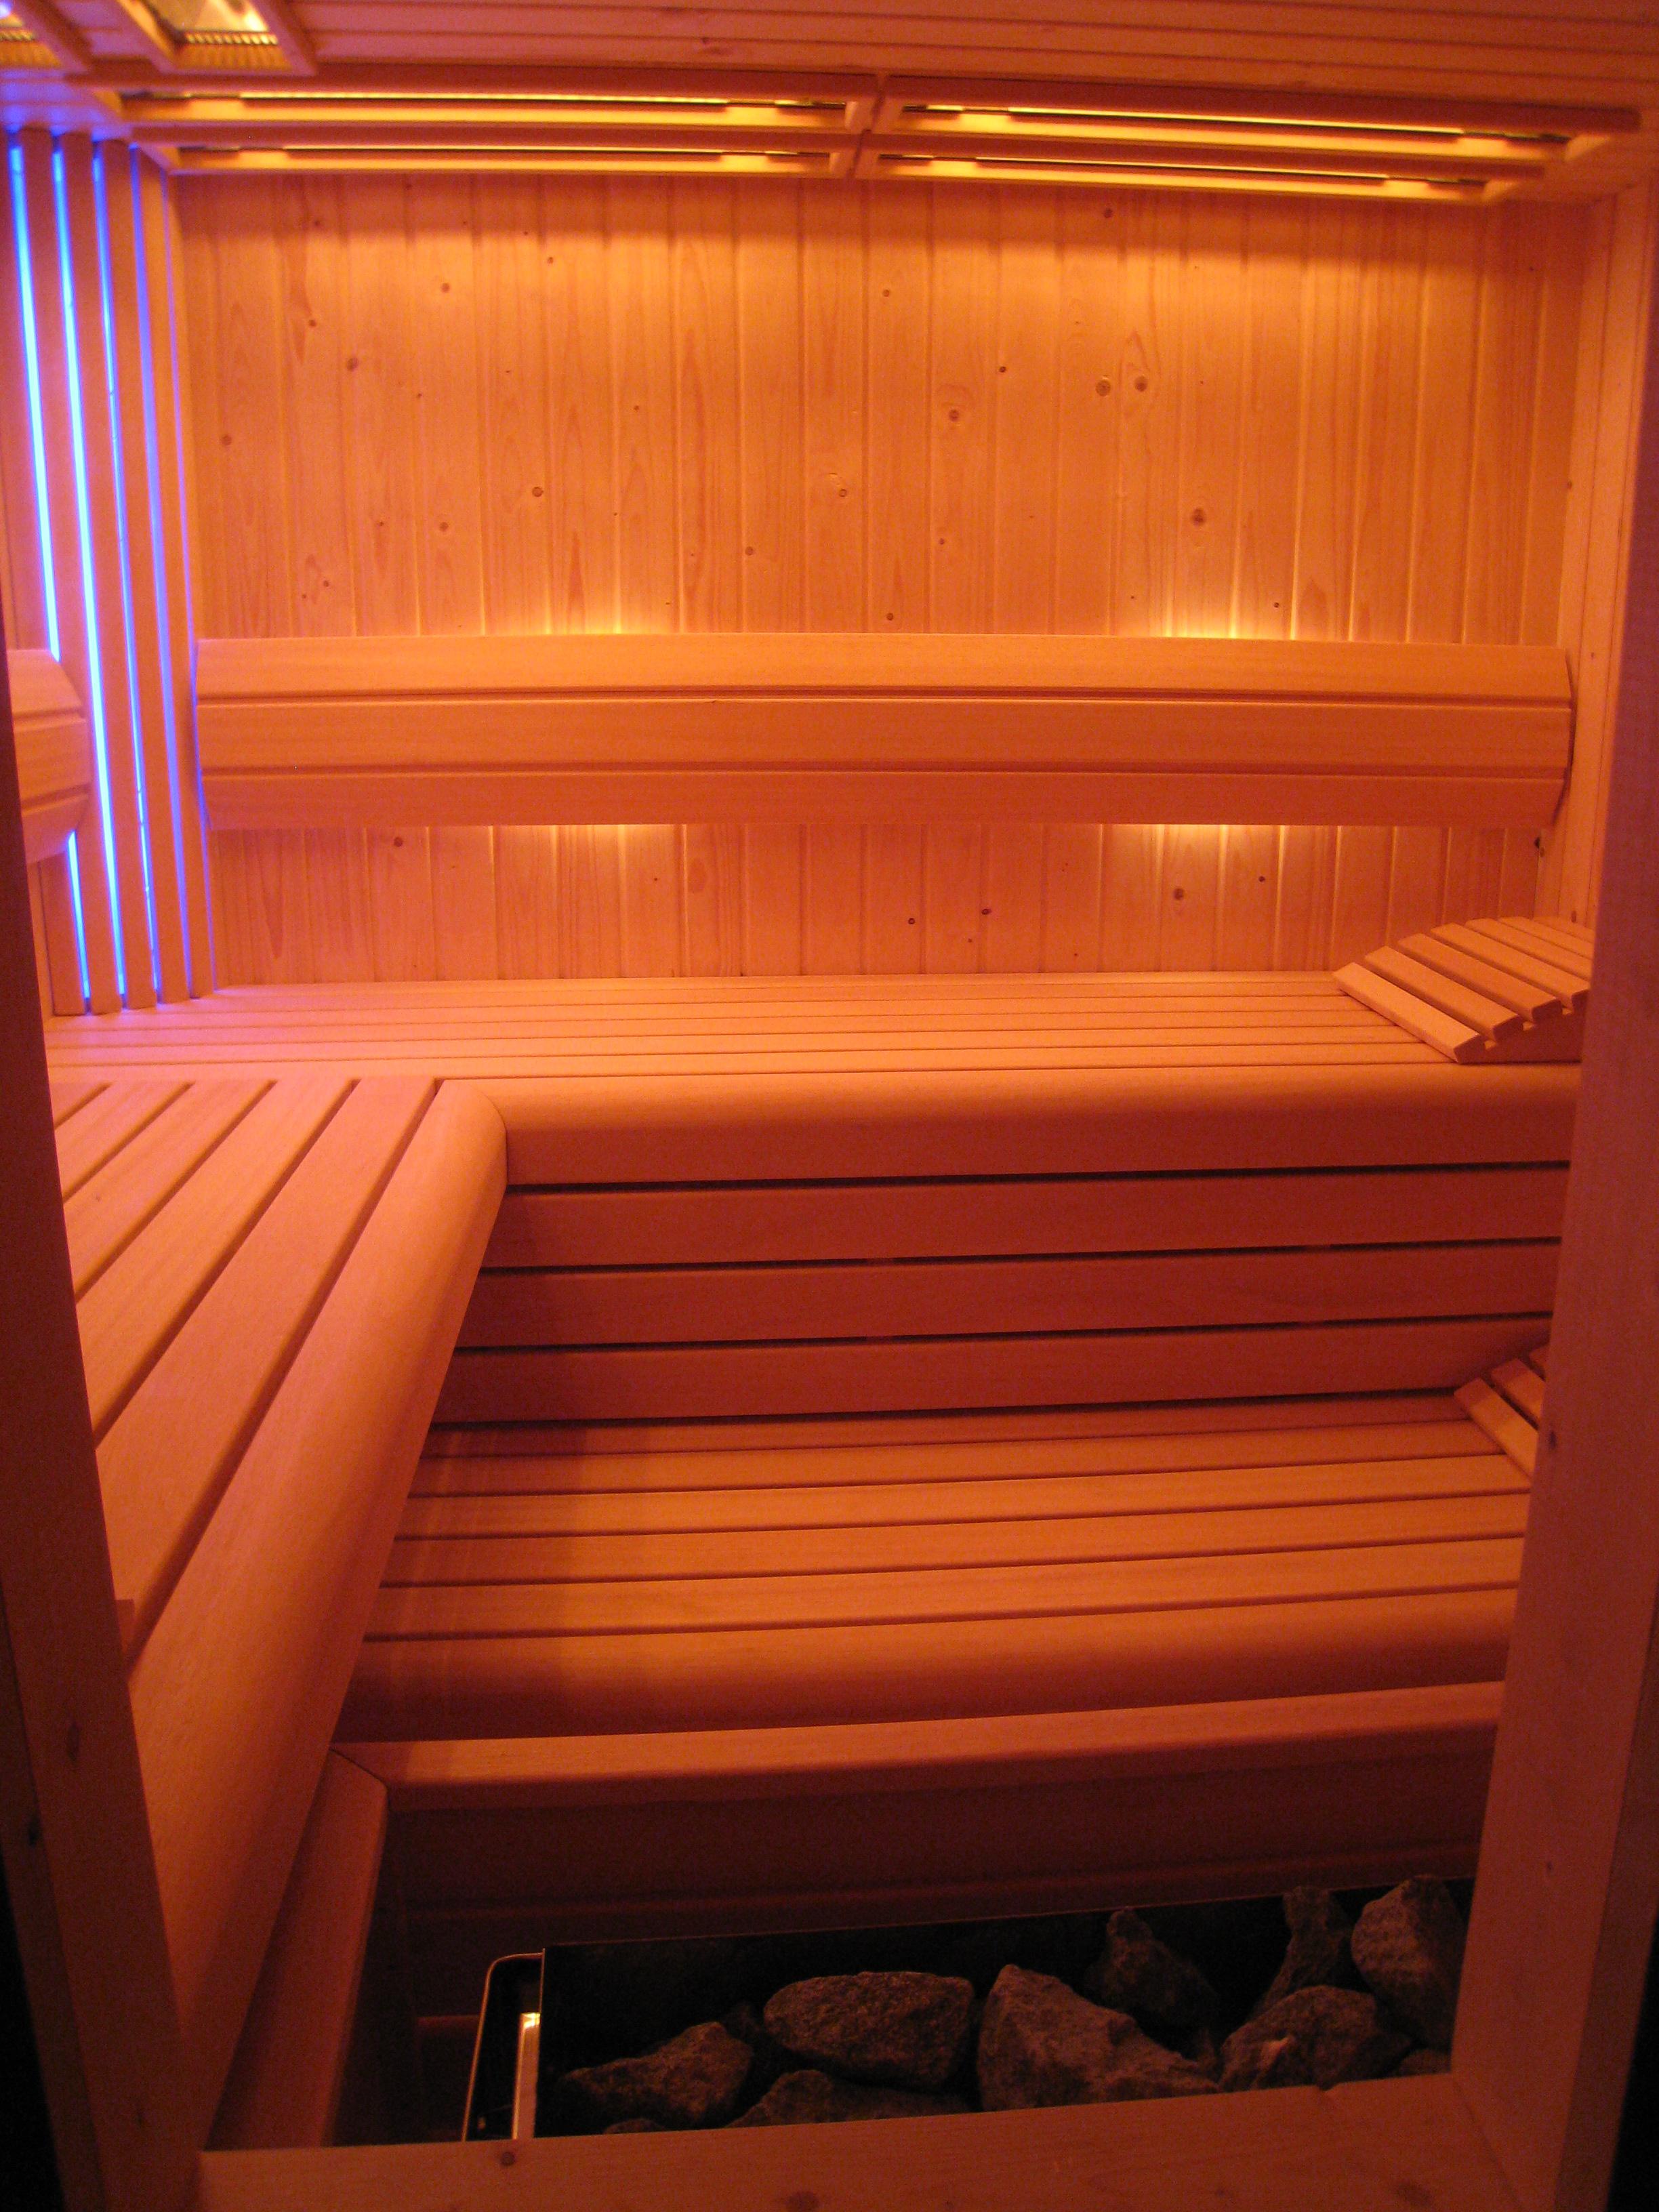 eiken_bijgebouw_met_sauna4 - Eikenhouten bijgebouw met carport. Ingericht met luxe wellness/relaxruimte.